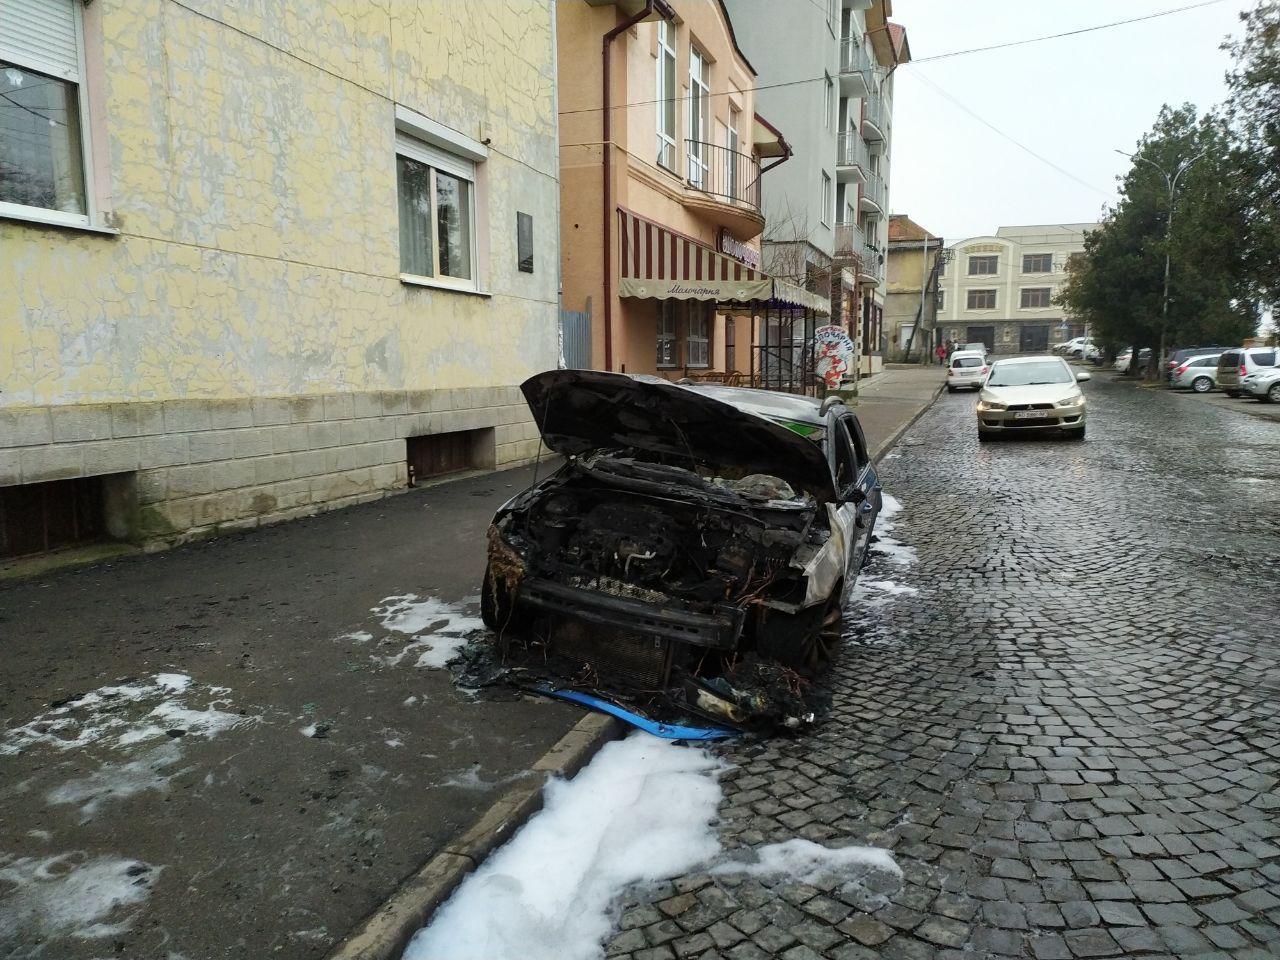 Поджег или случайность?: В Мукачево на центральной набережной полностью сгорел автомобиль